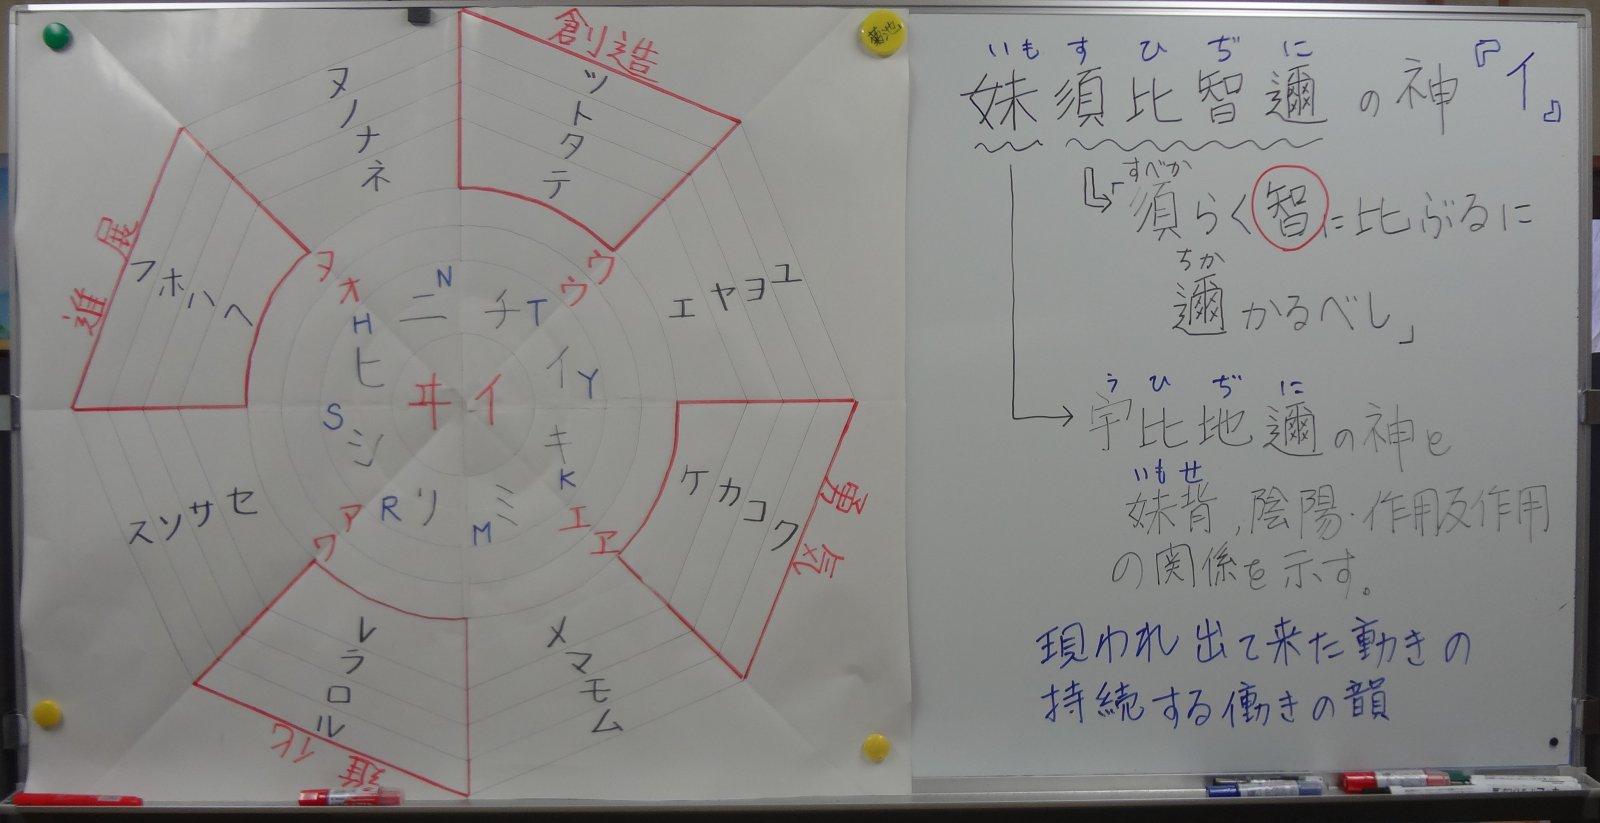 http://www.g-labo.co.jp/document/16th_board.JPG